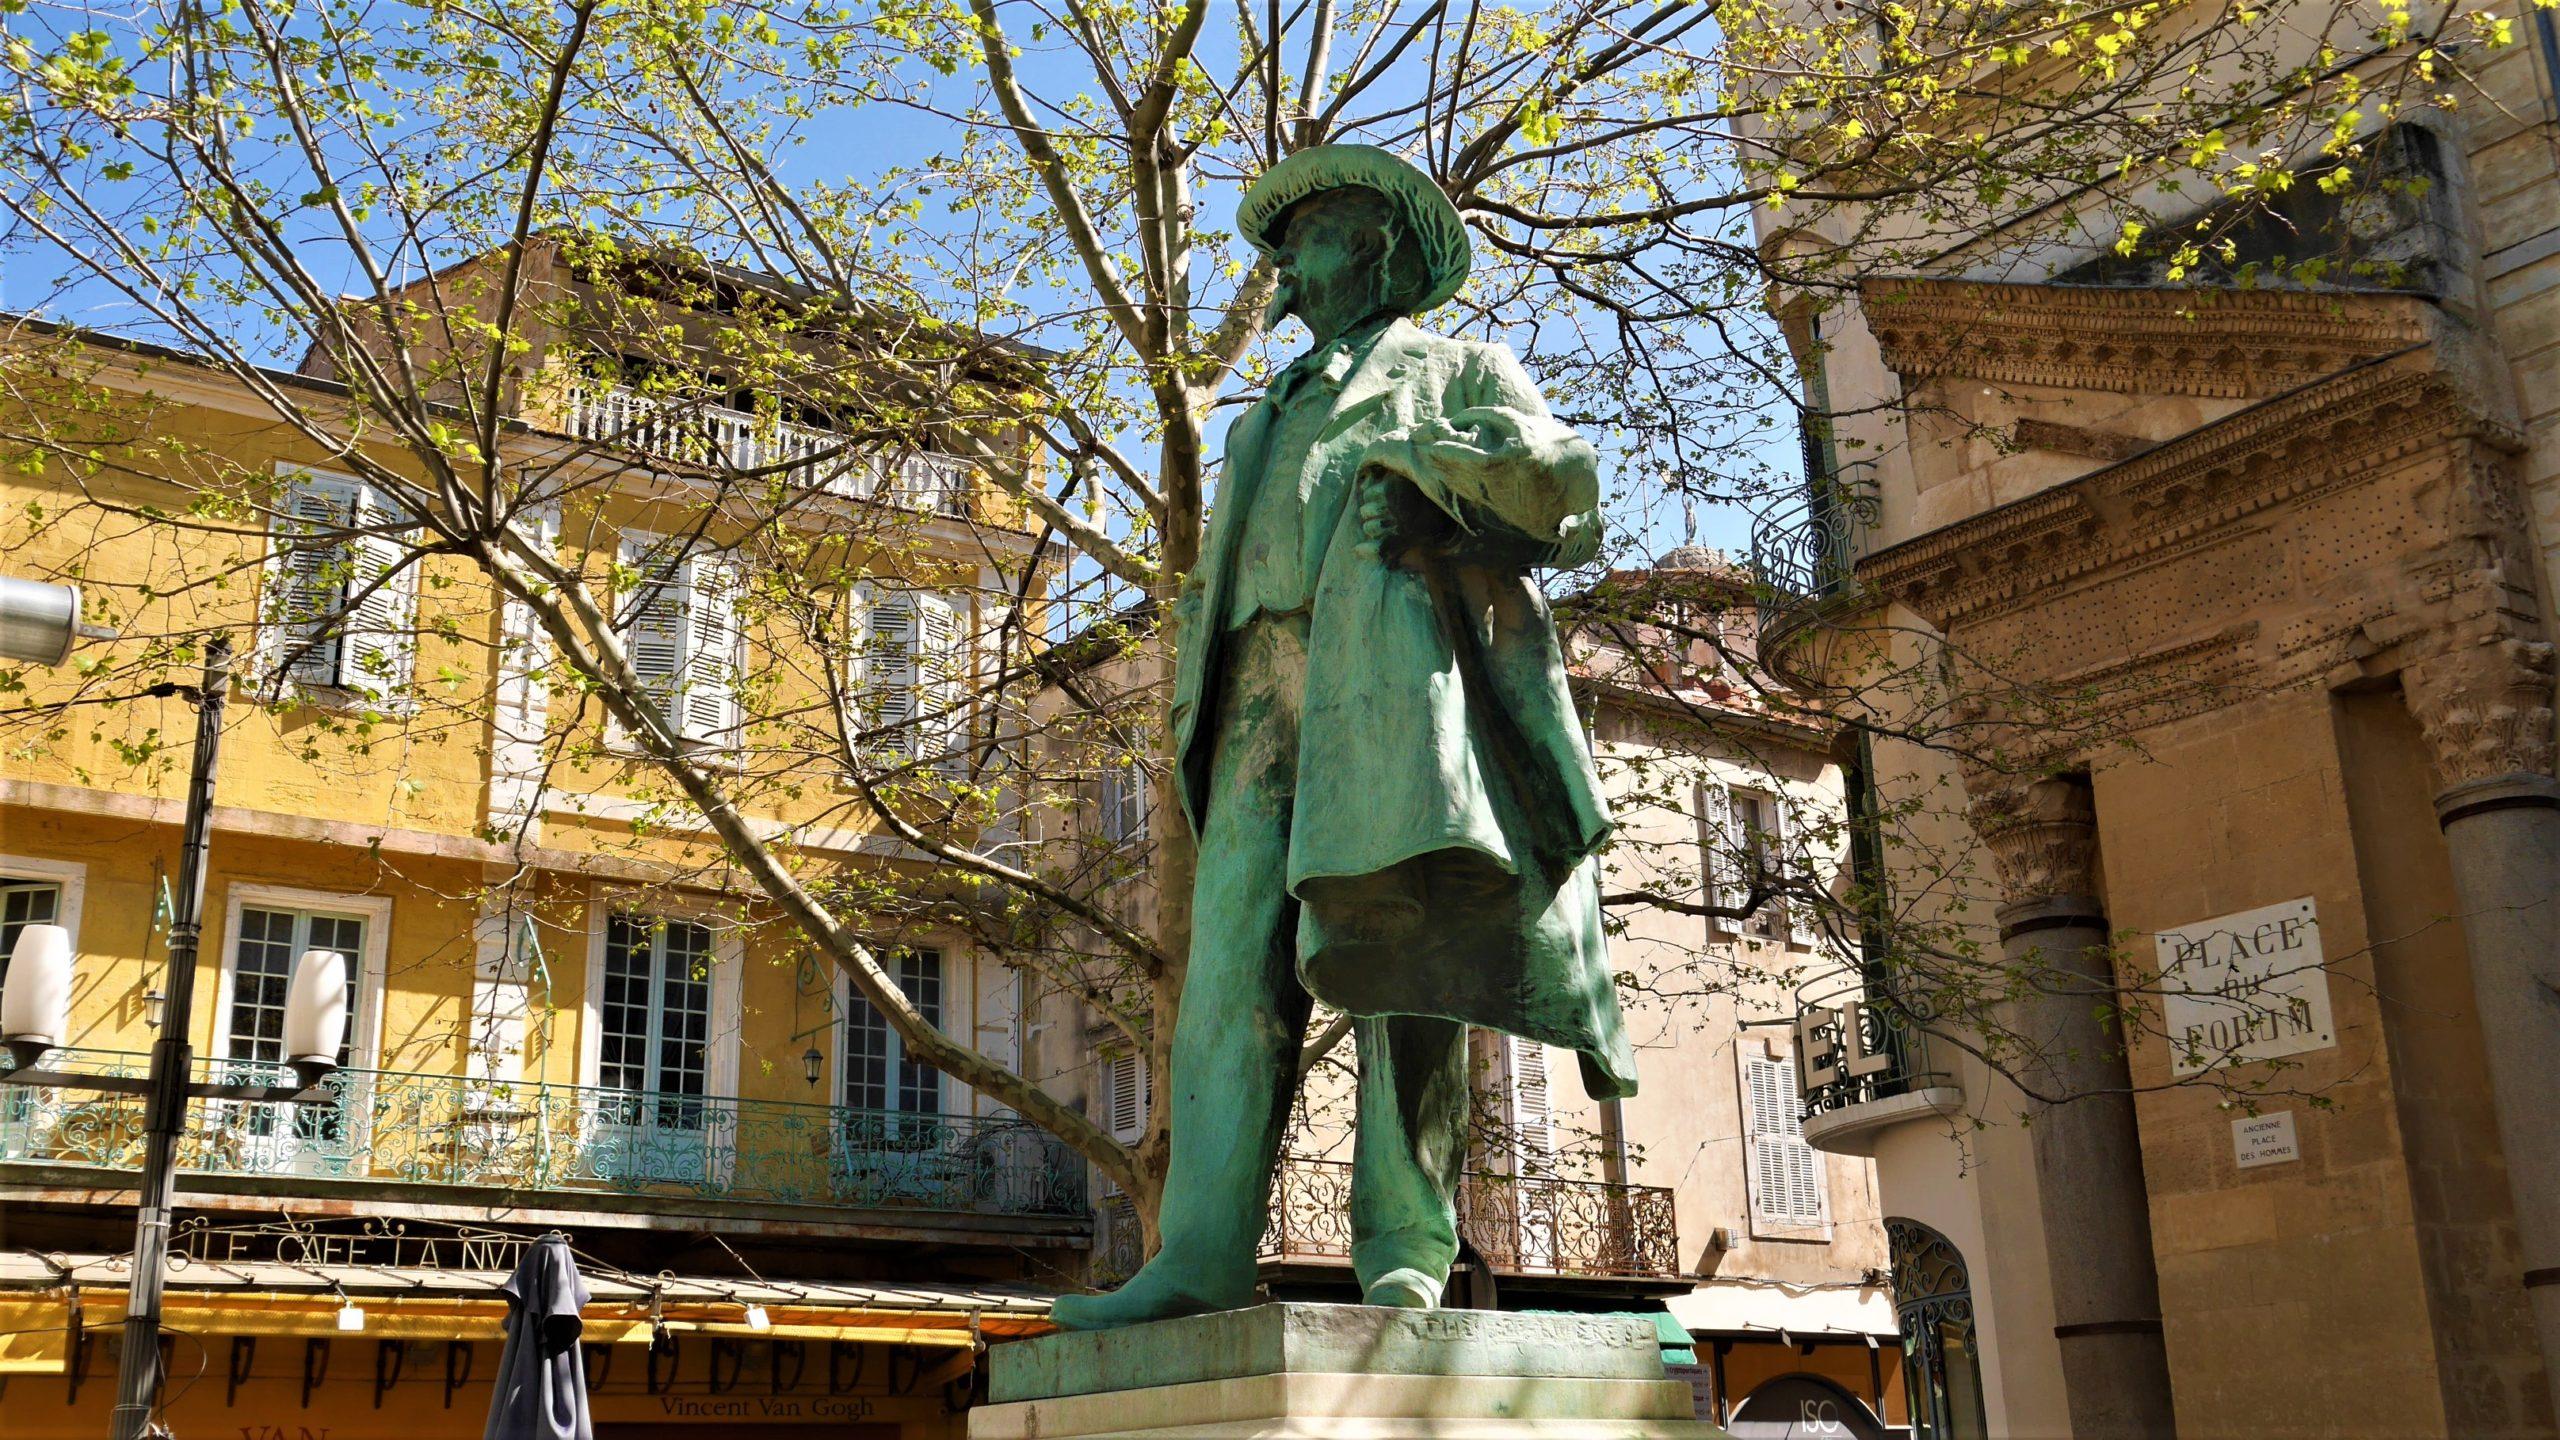 Arles place du forum infos pratiques vacances blog voyage